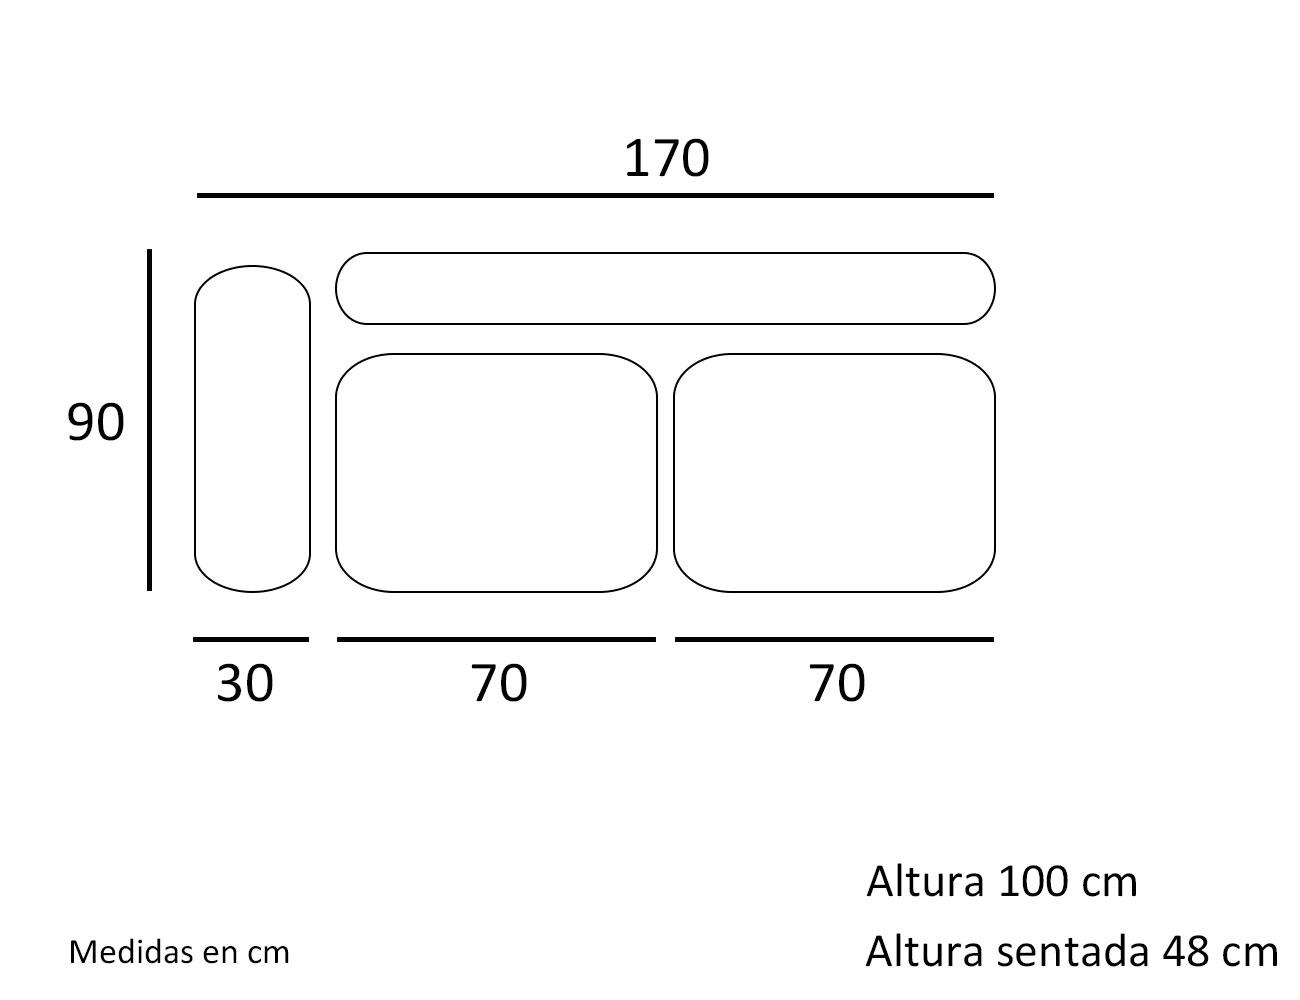 Croquis modulo 2 plazas con 1 brazo 170